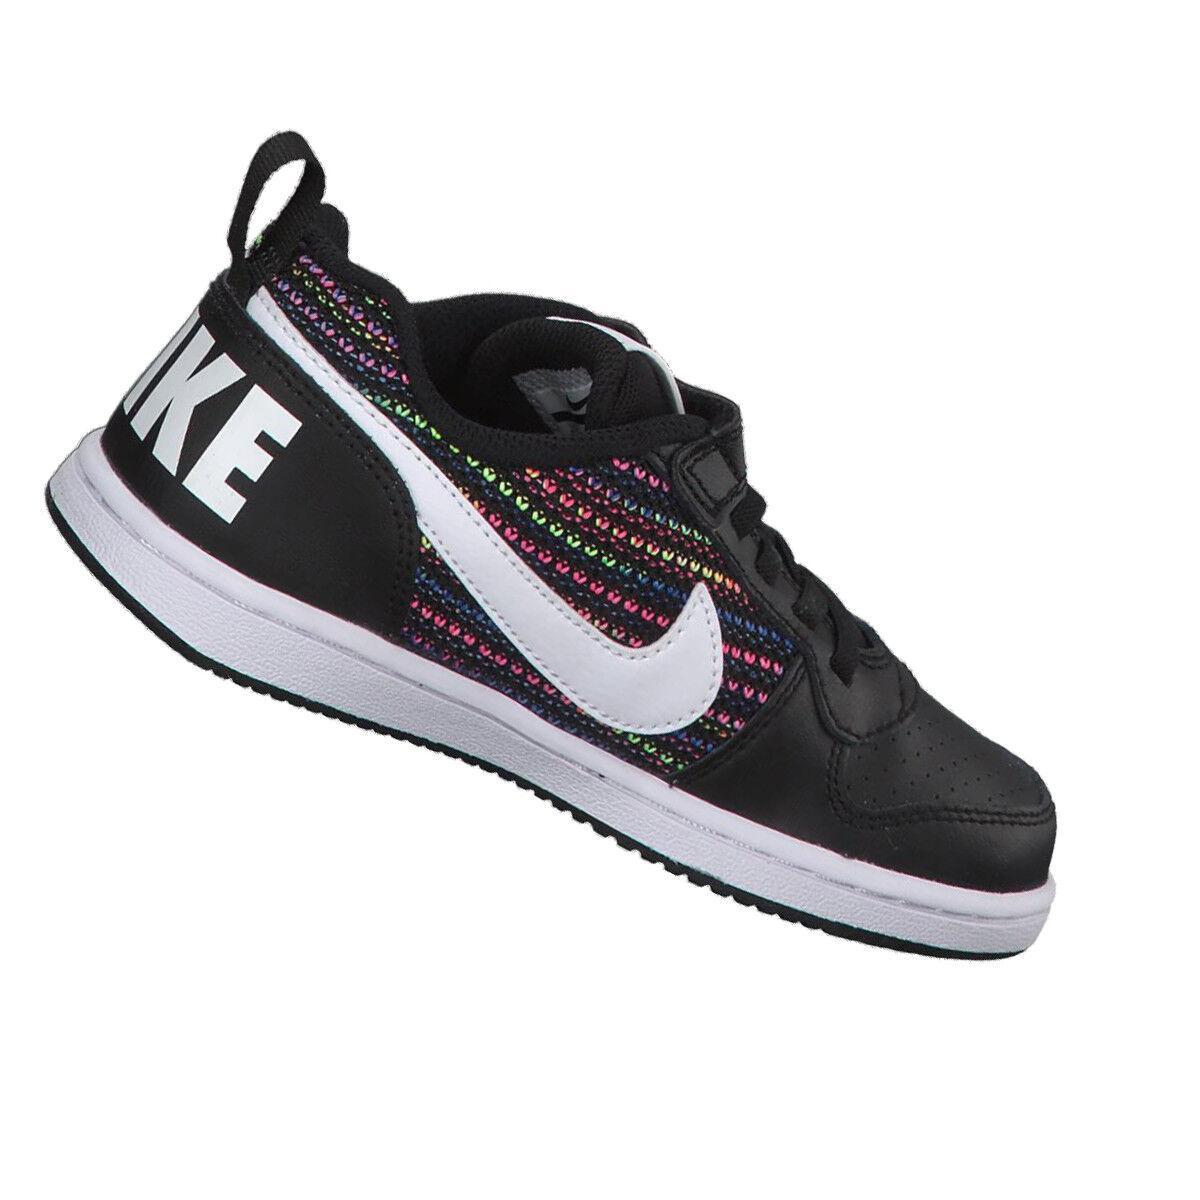 Dettagli su Scarpa Nike court borough bambina ragazza sneakers moda tempo libero palestra